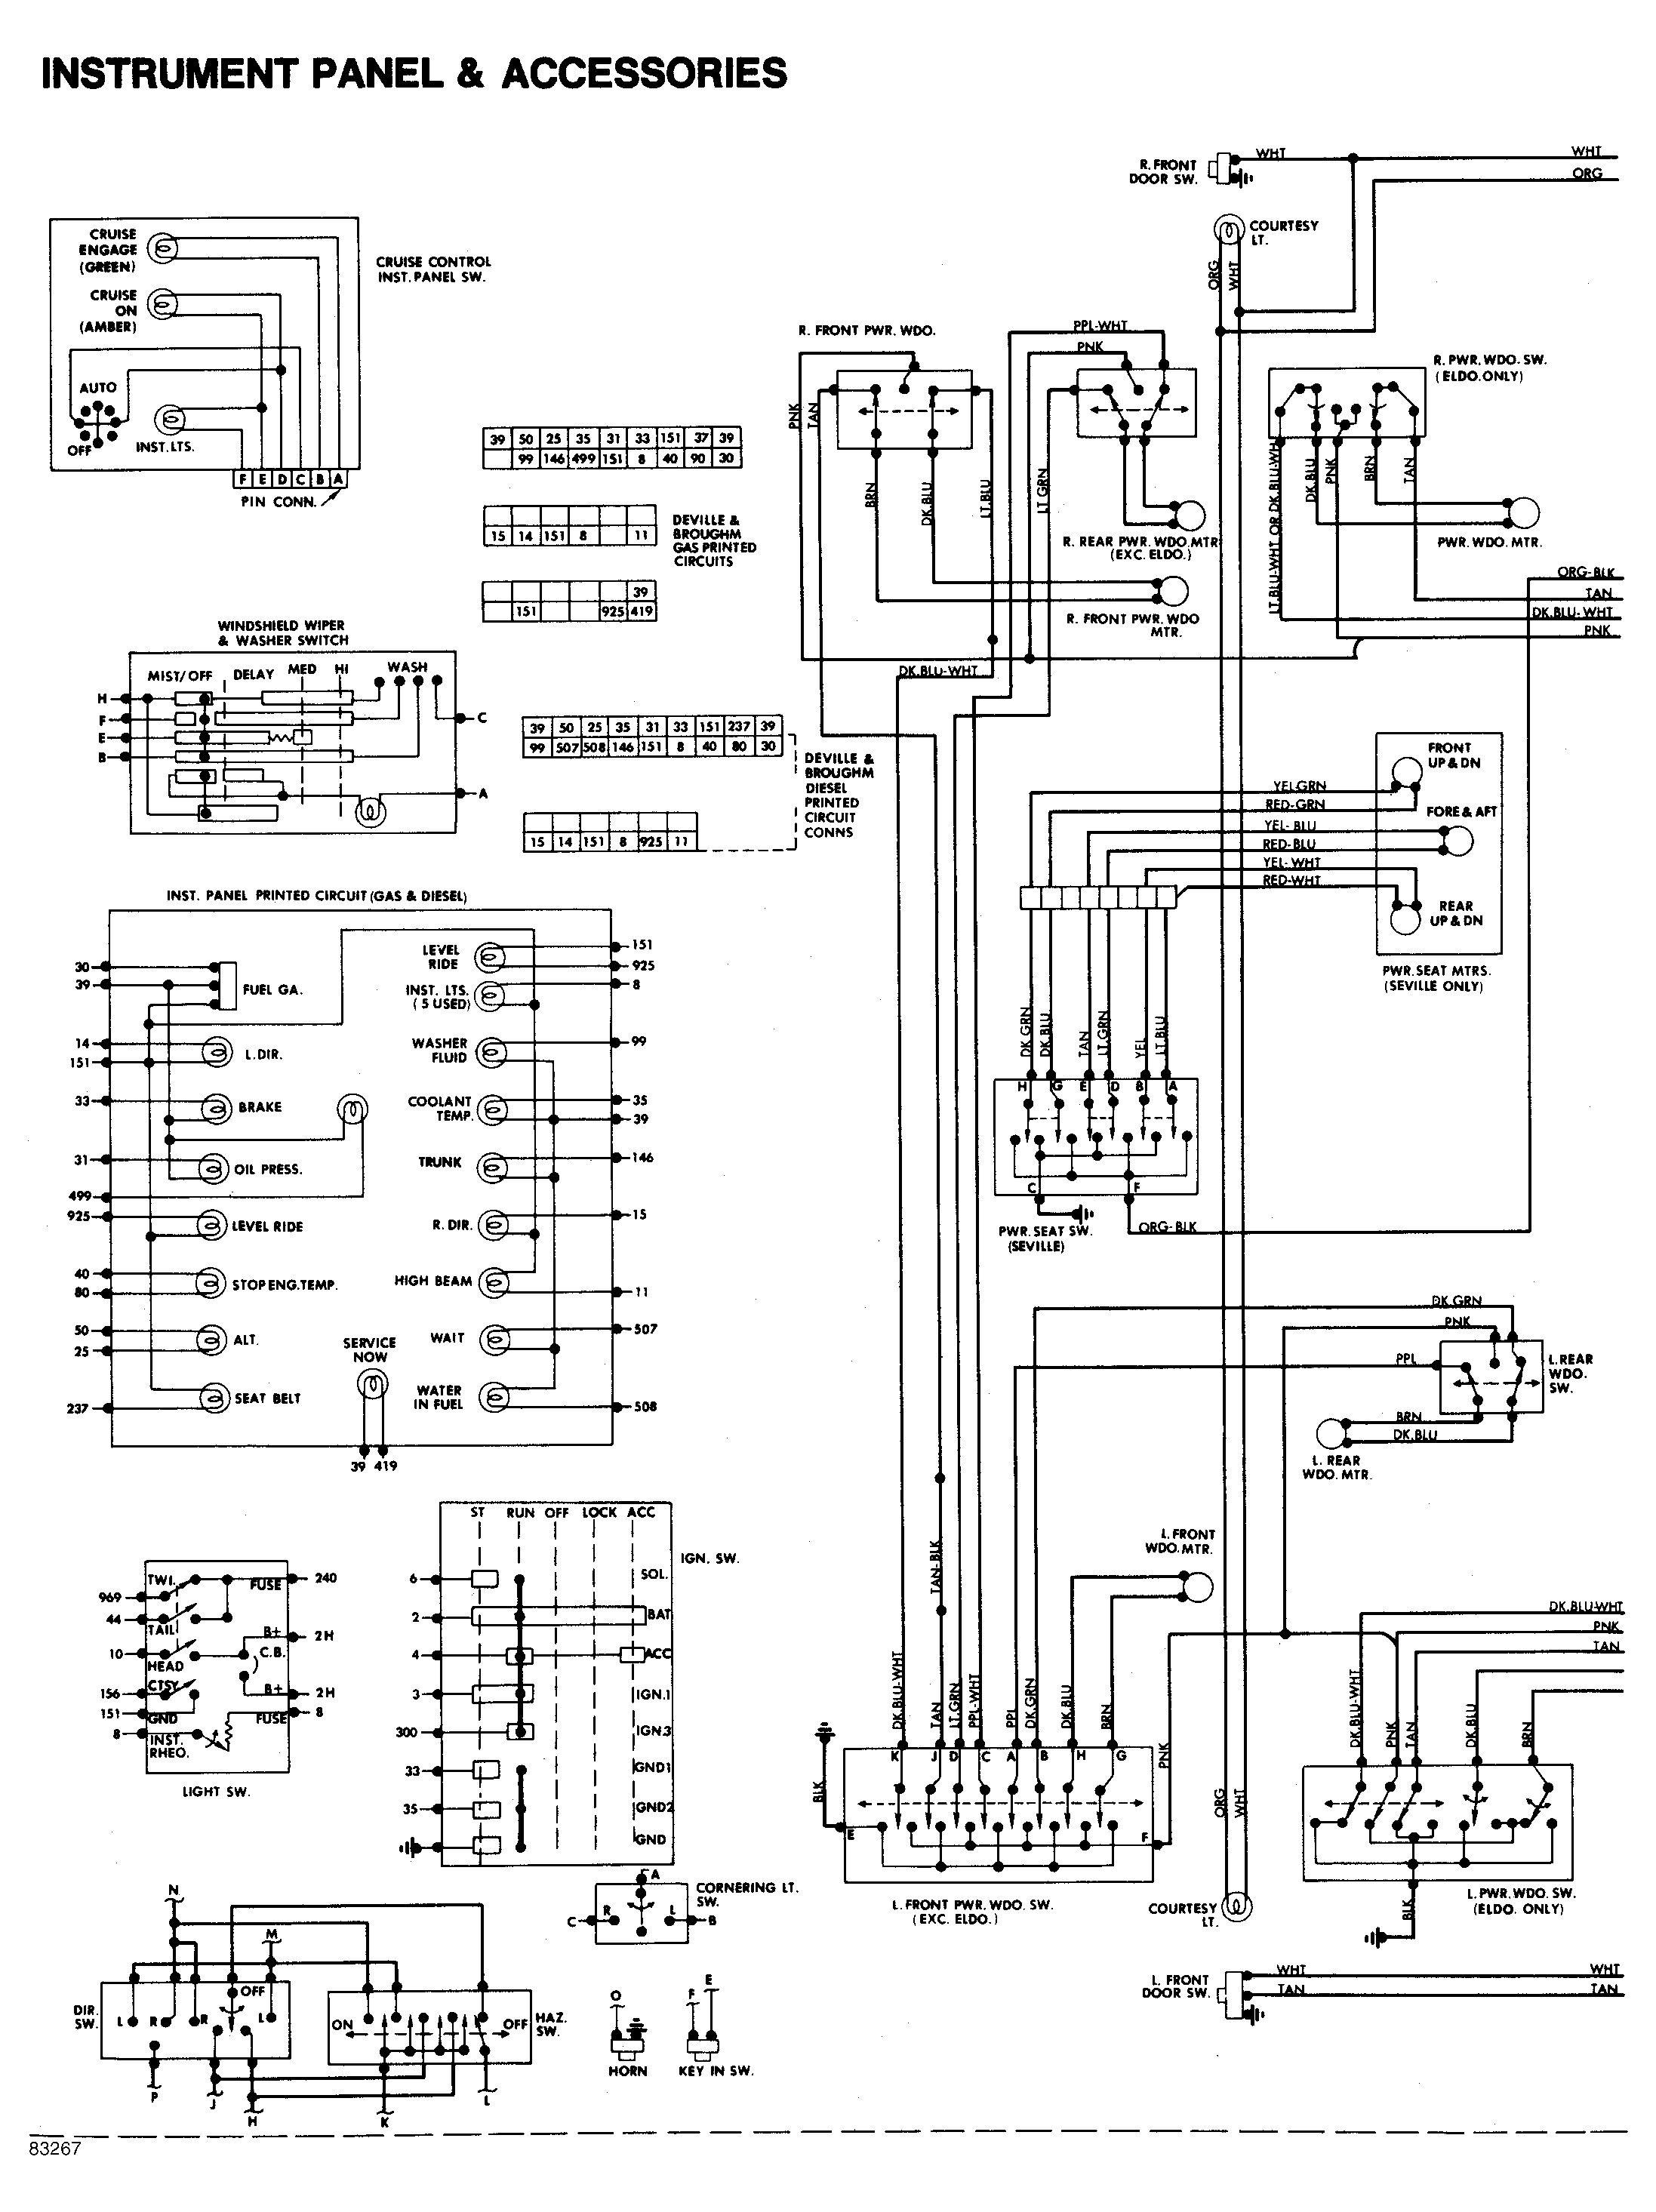 daewoo navigation wiring diagram schematic diagram